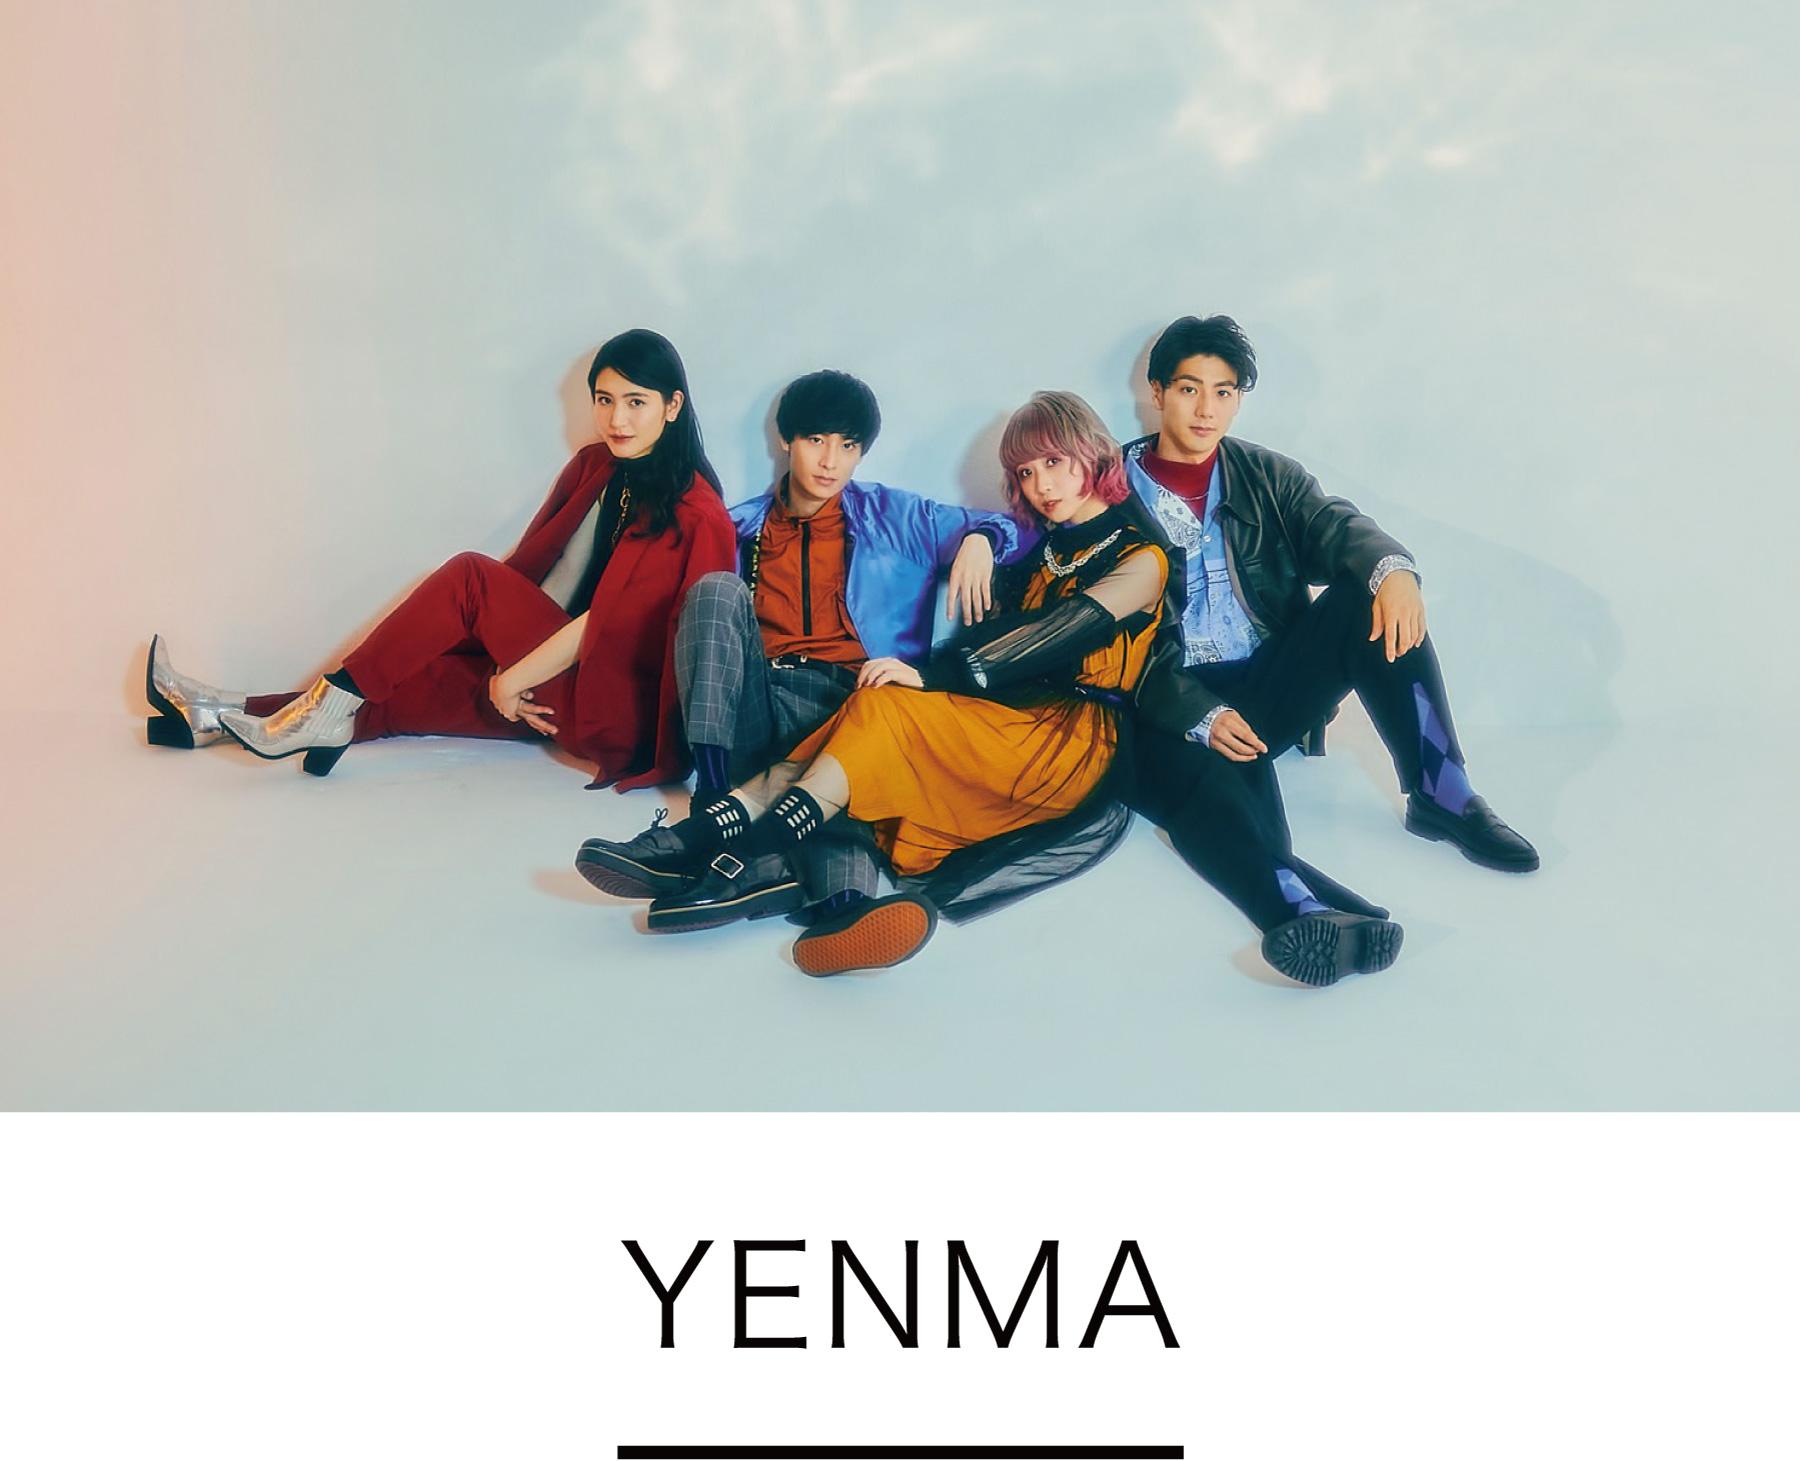 YENMA